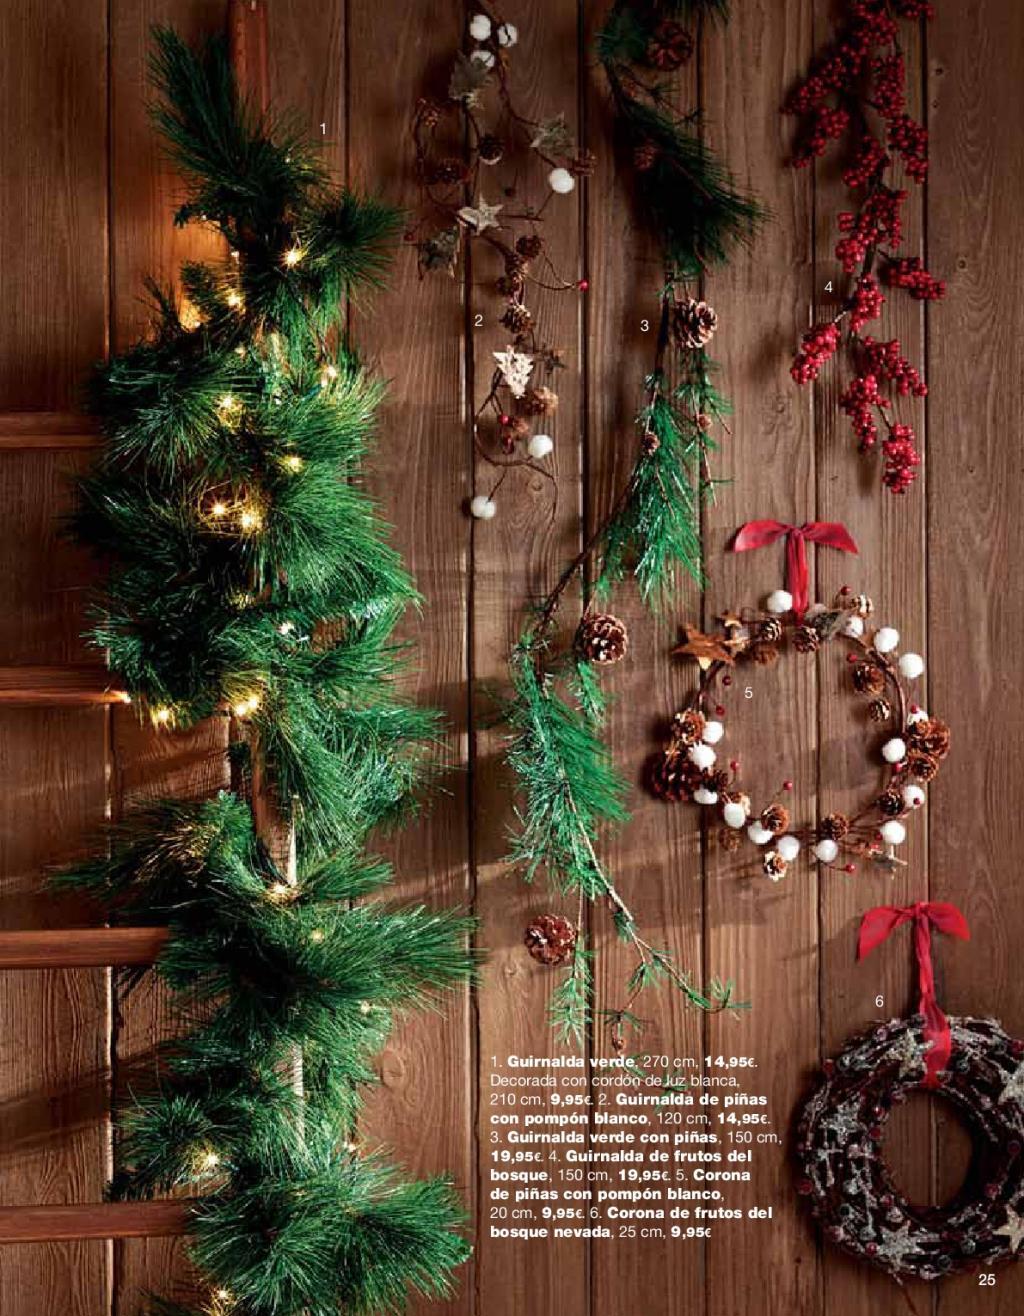 Navidad el corte ingles25 - El corte ingles decoracion navidad ...